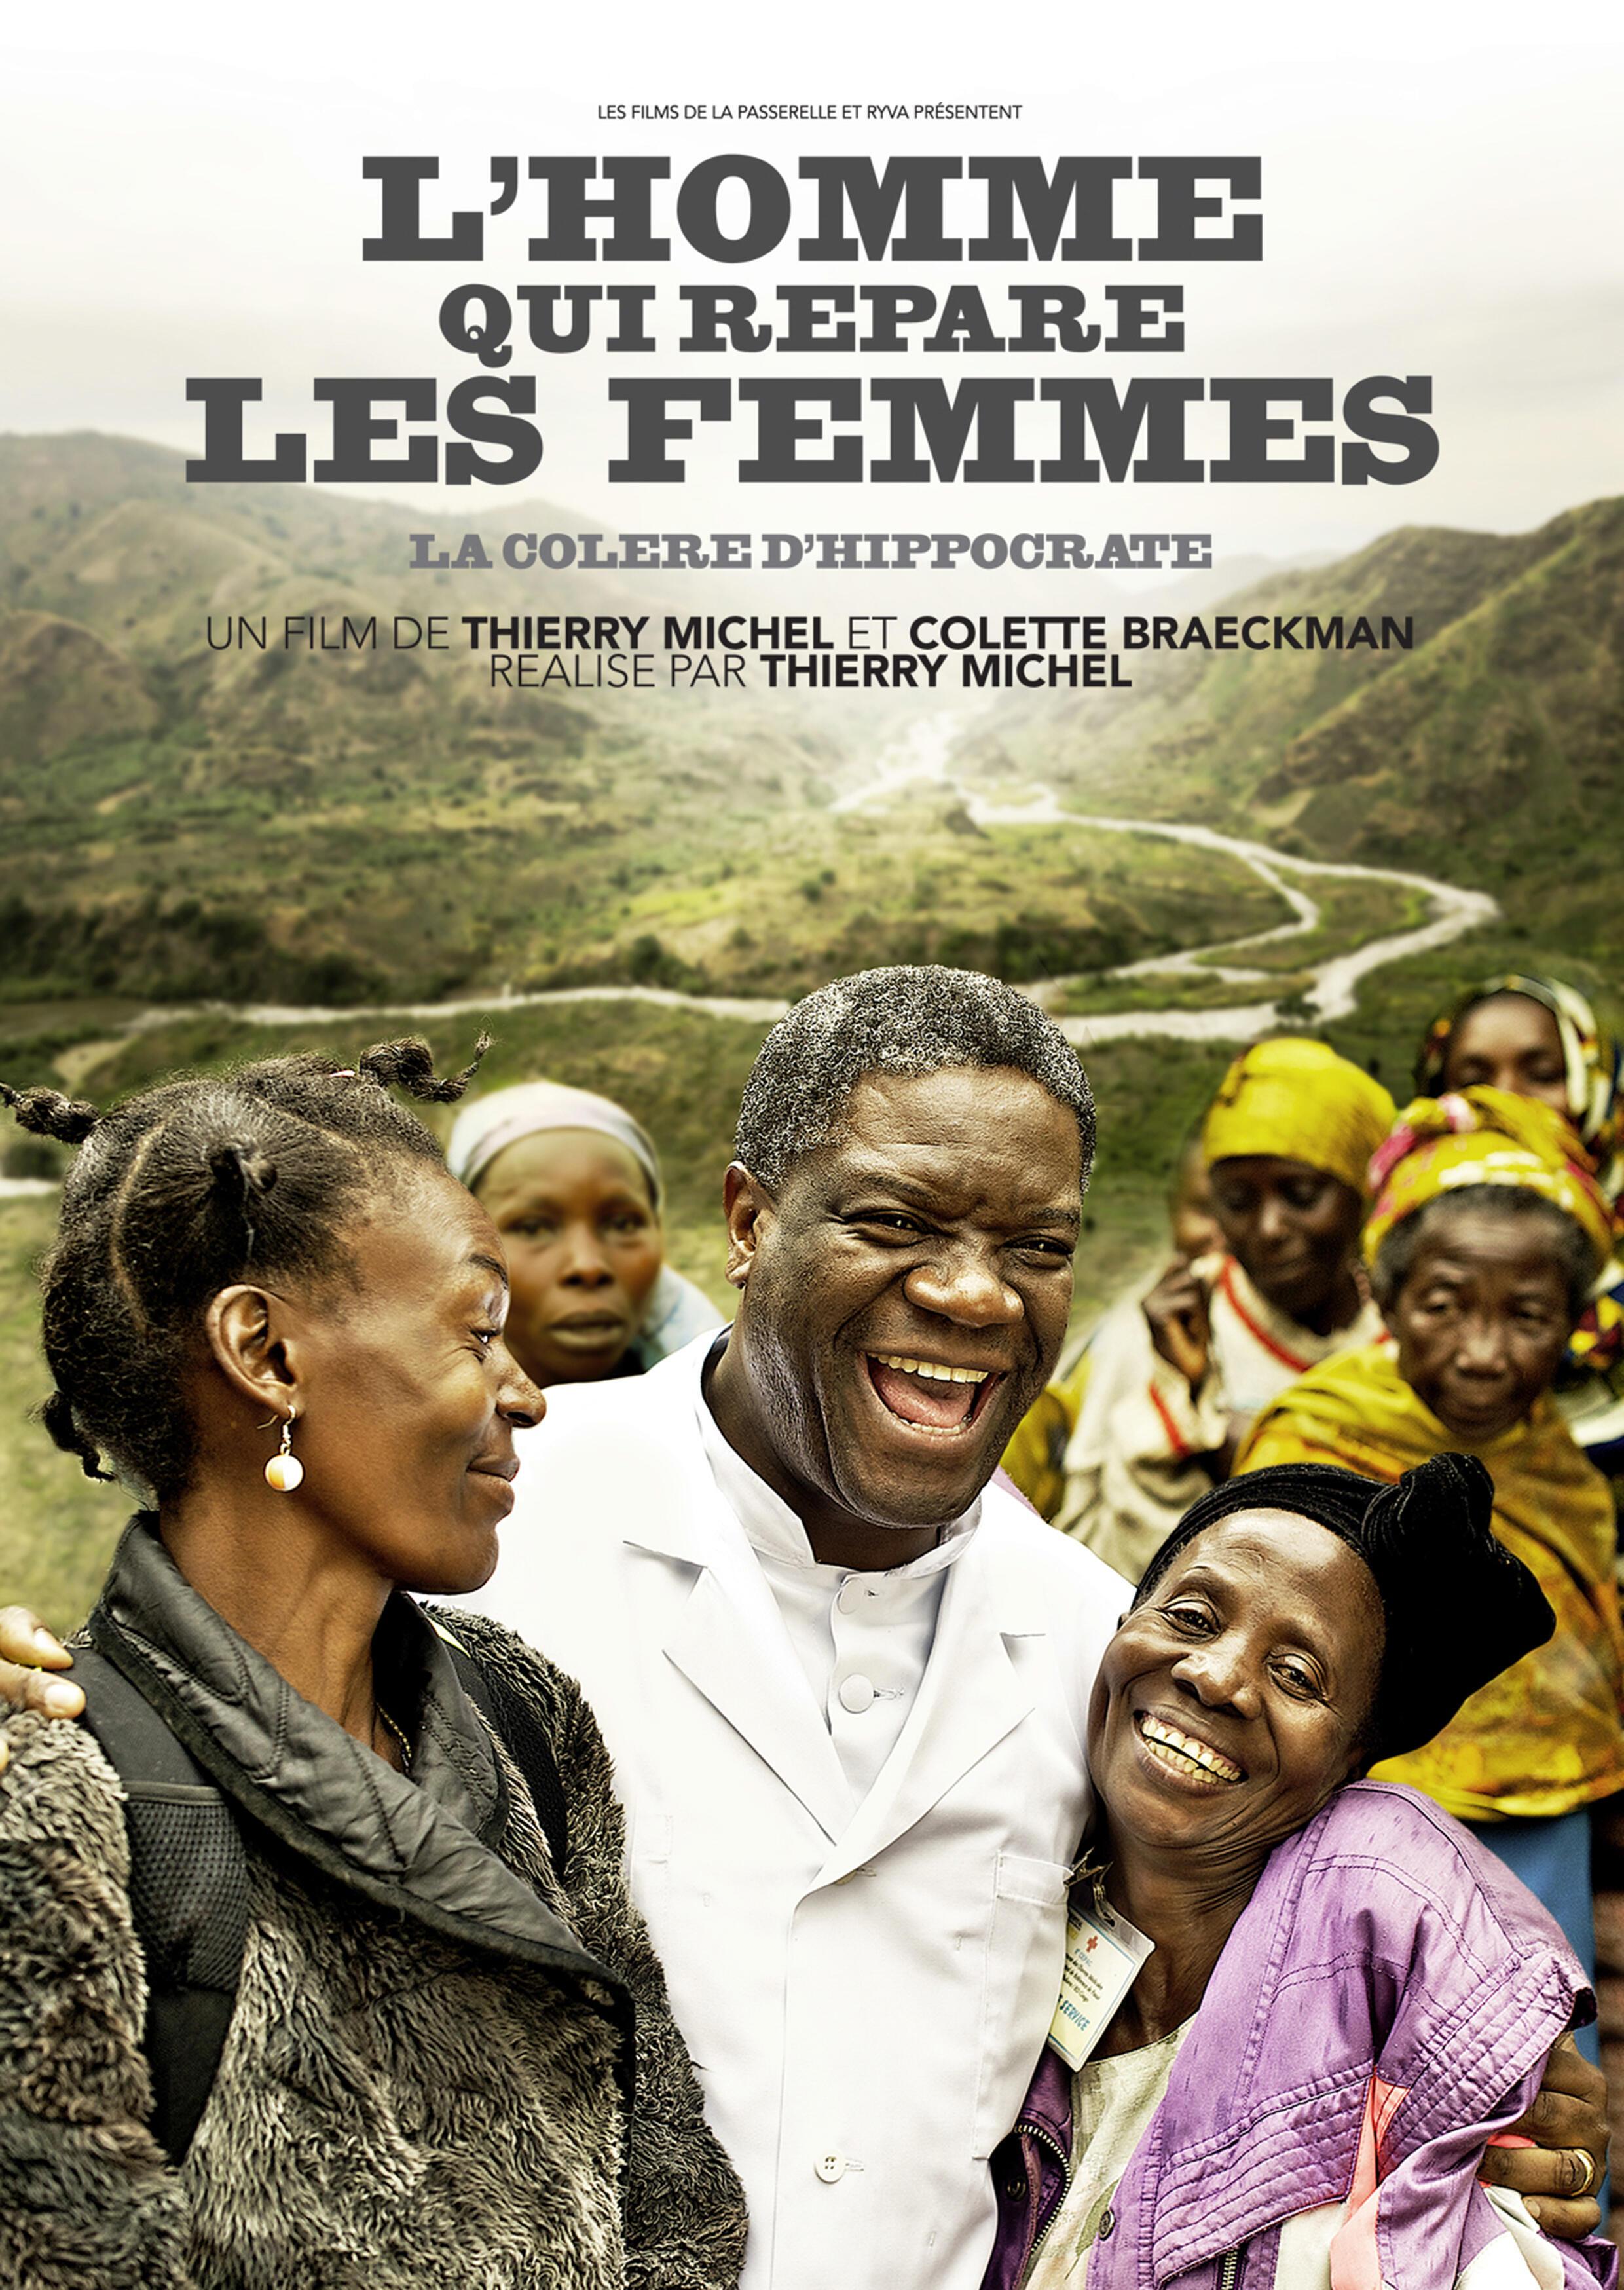 El documental relata la historia del combate incesante del doctor Mukwege que opera a las mujeres víctimas de violaciones sexuales en República Democrática del Congo.